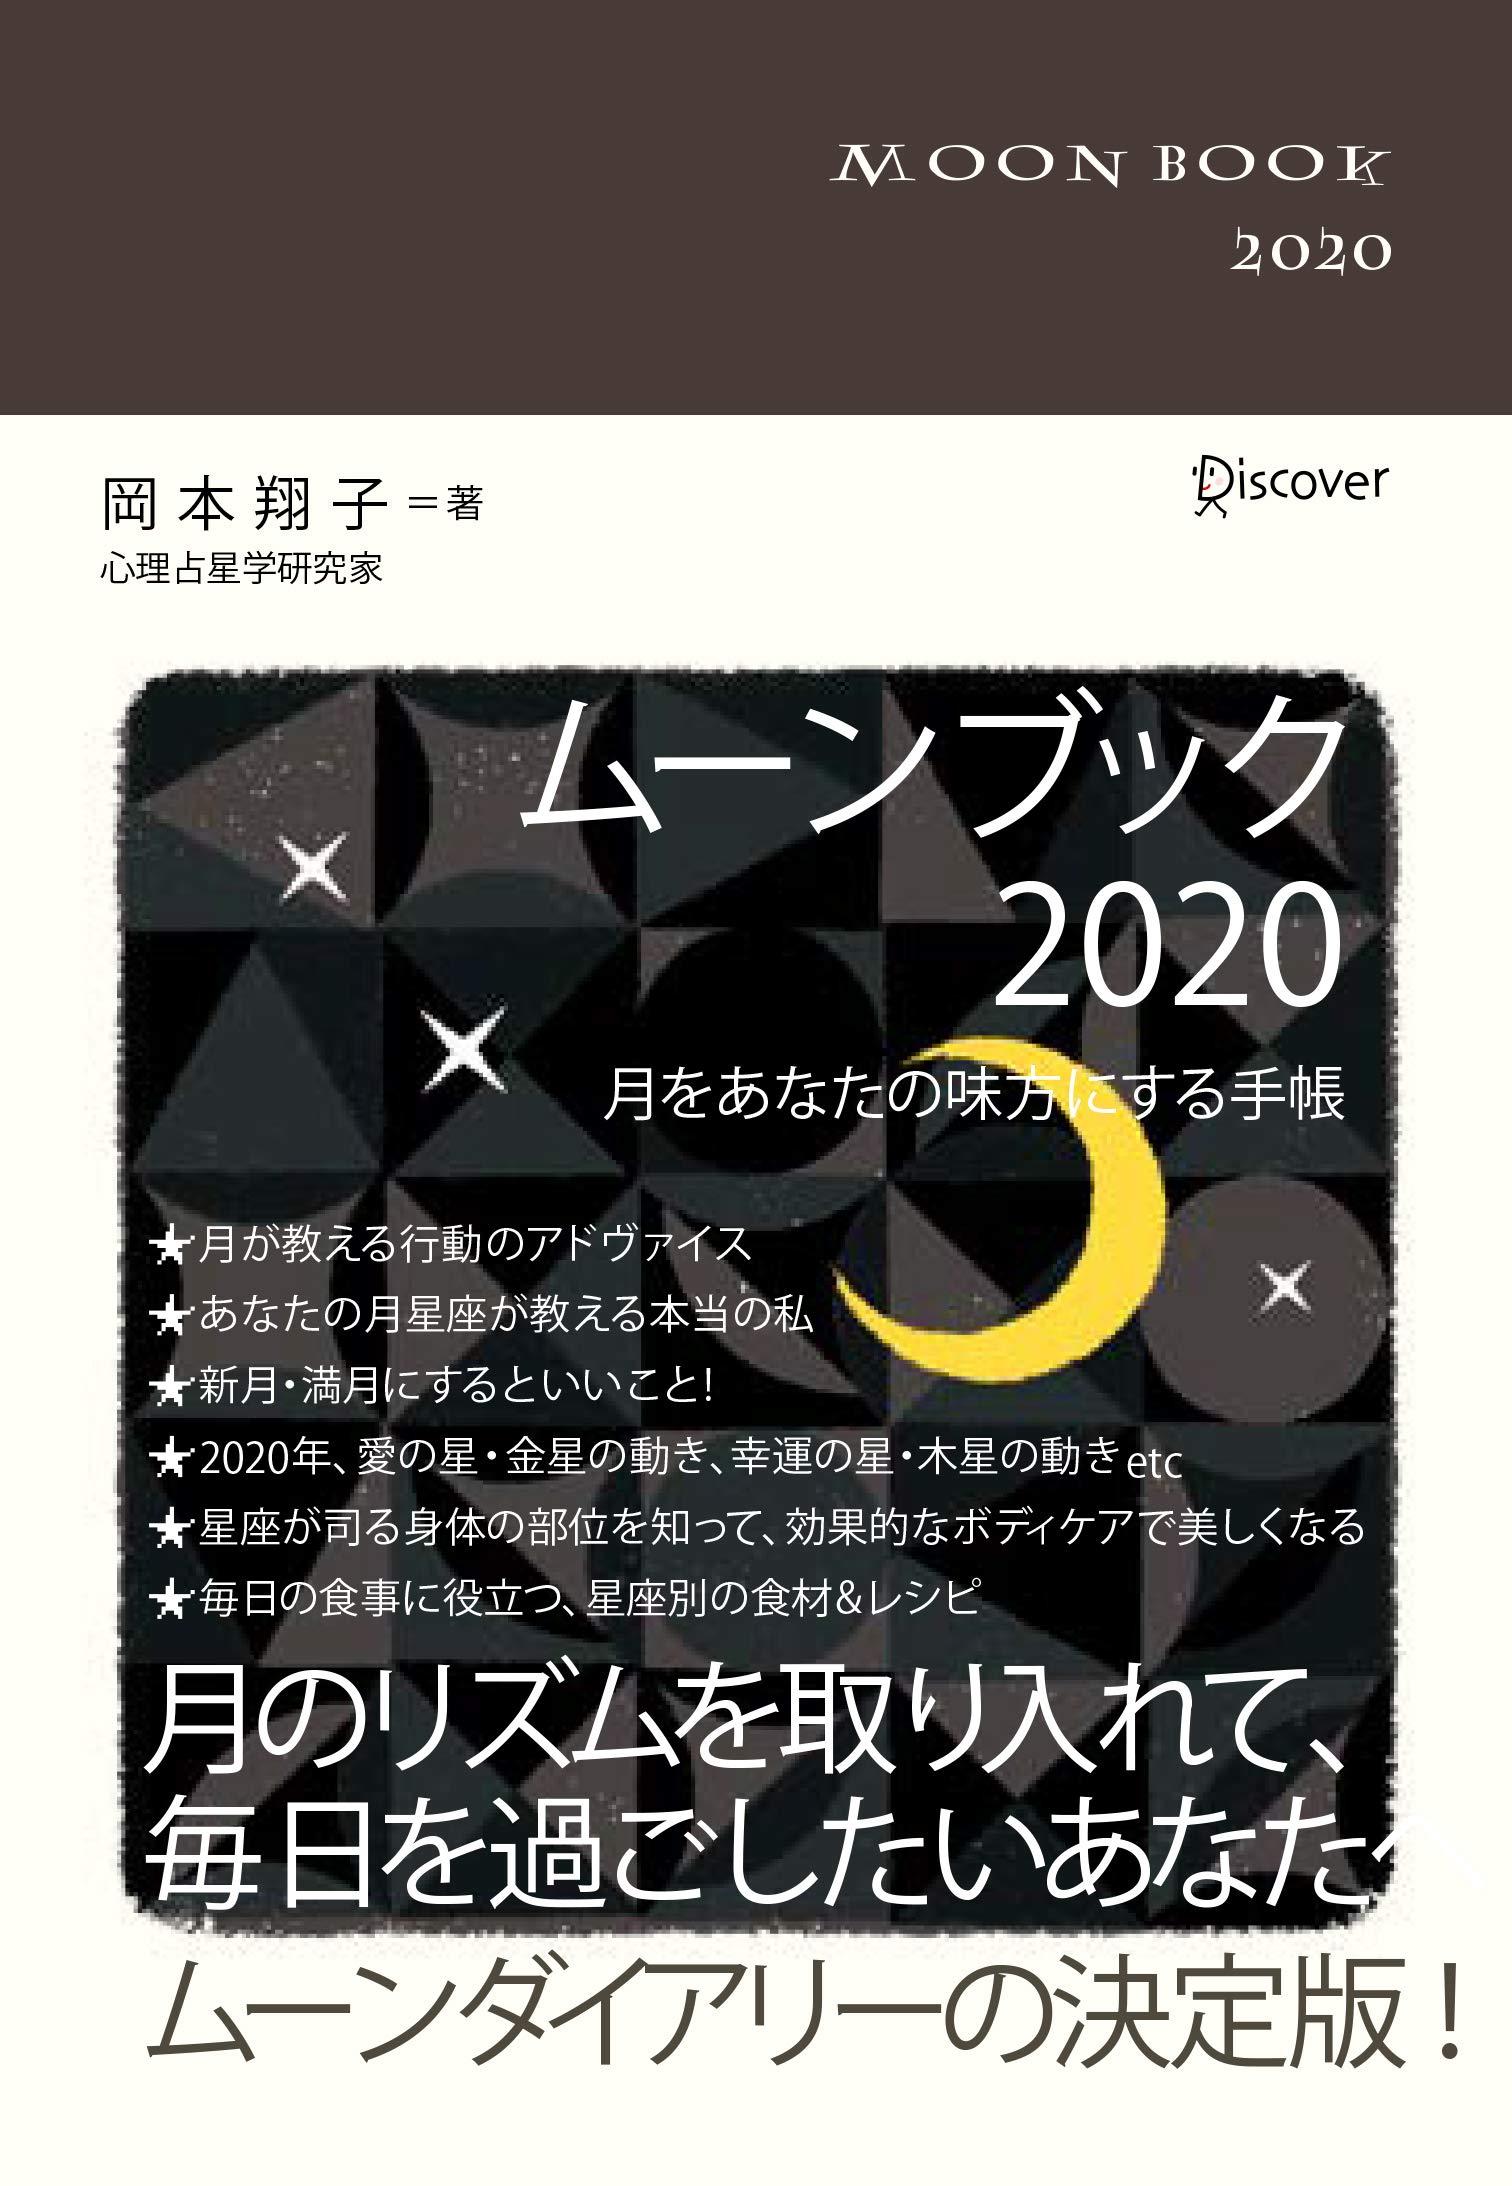 月 2020 年 満月 新